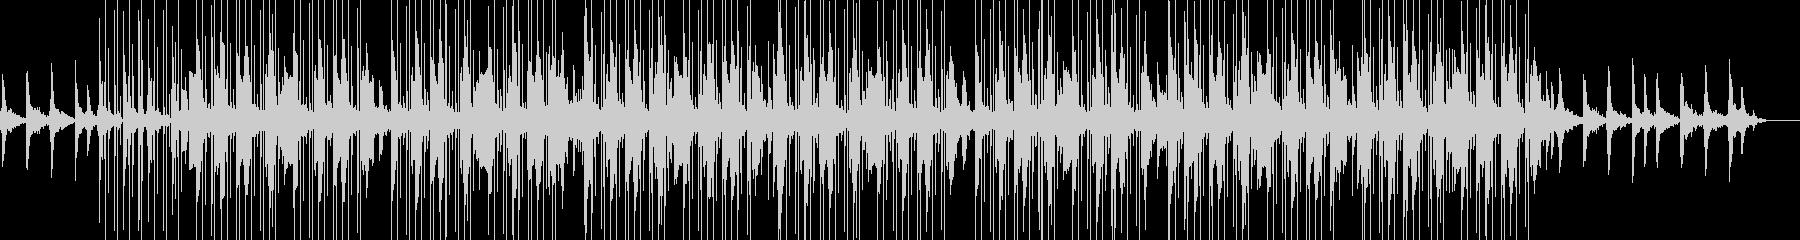 リラックスできる電子音のチルミュージックの未再生の波形